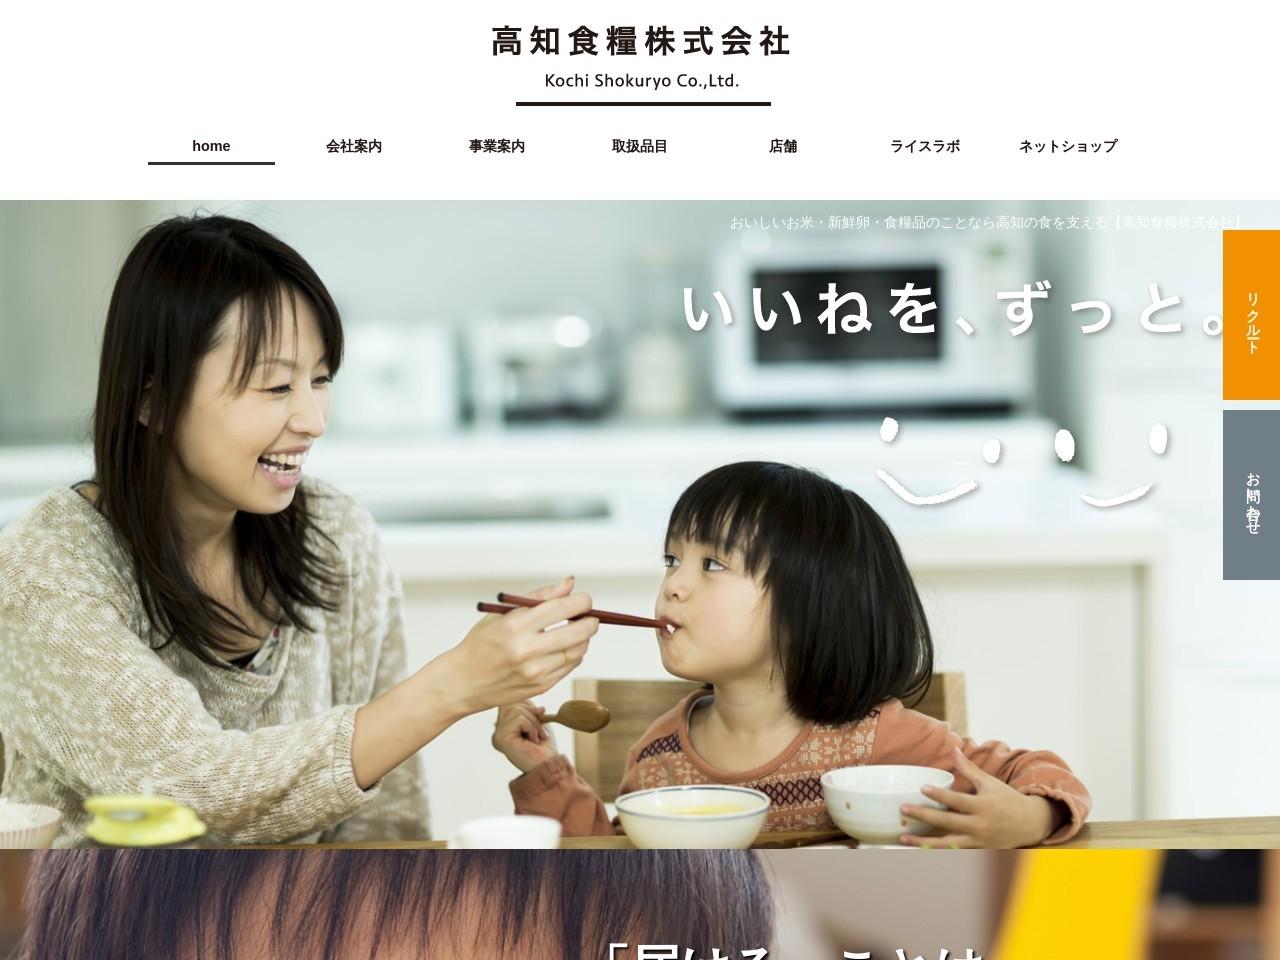 高知食糧株式会社|おいしいお米、新鮮卵、食料品